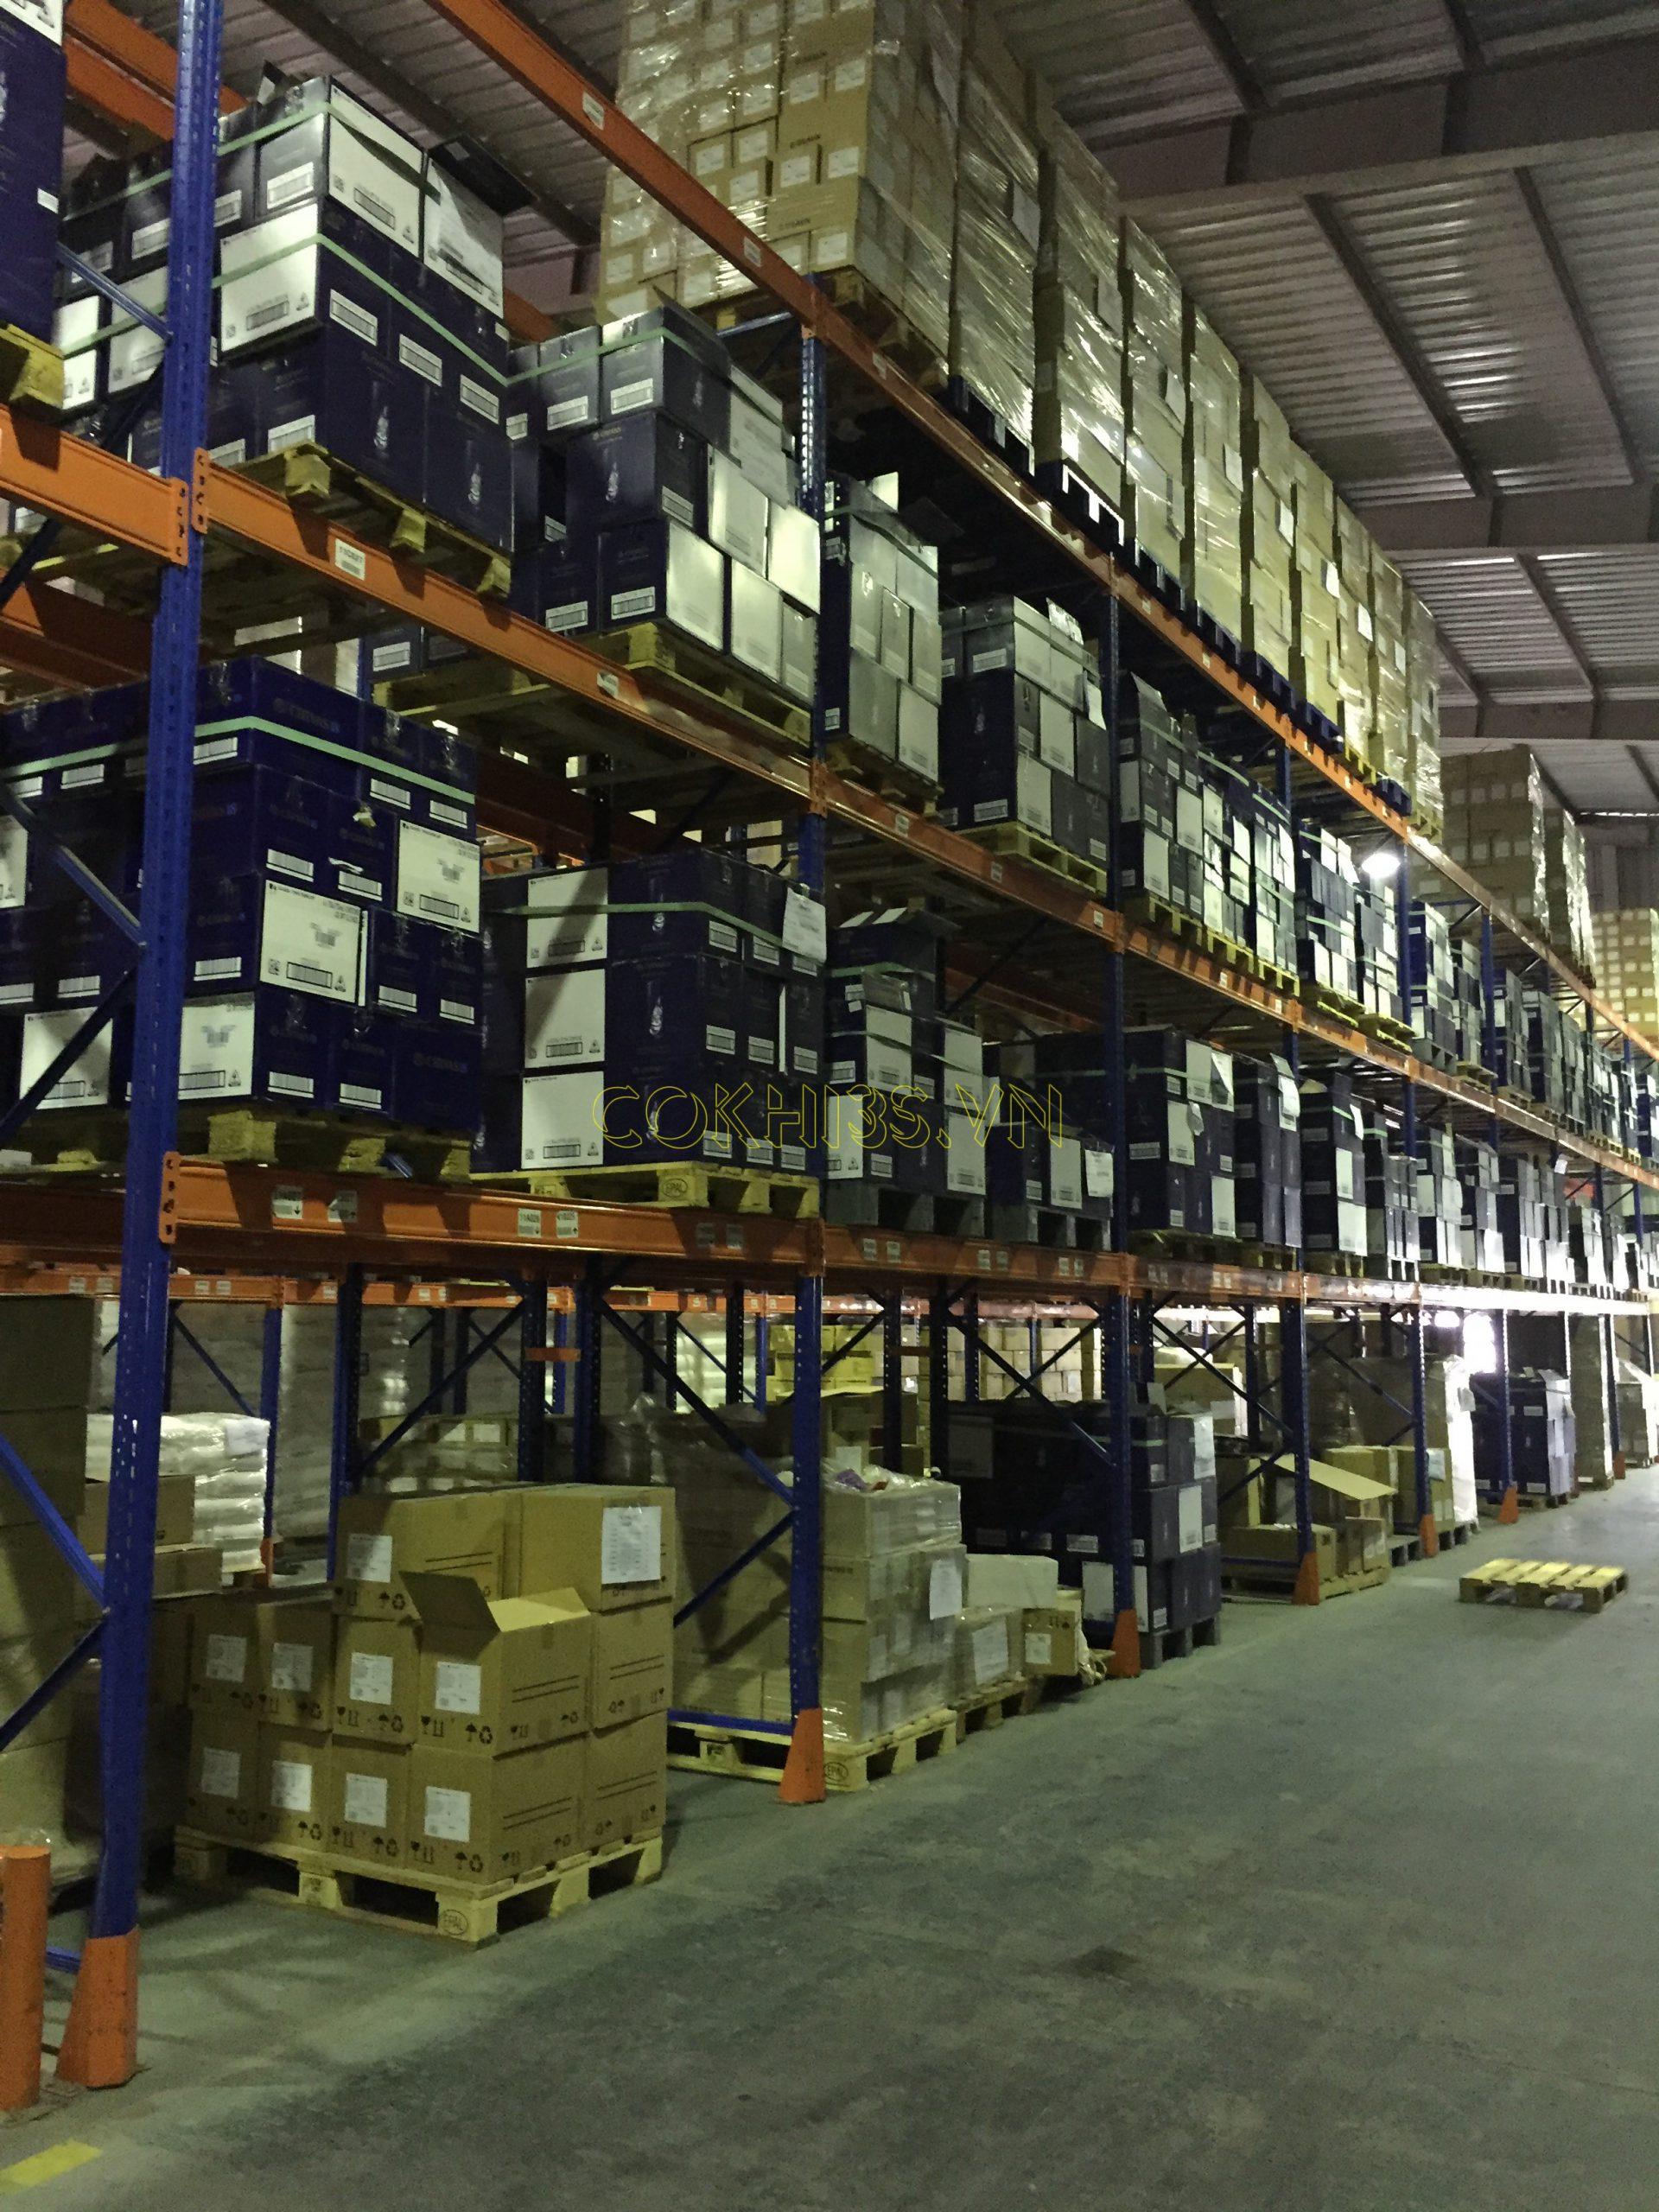 Lắp đặt hệ thống kệ hạng nặng trong kho công nghiệp 4